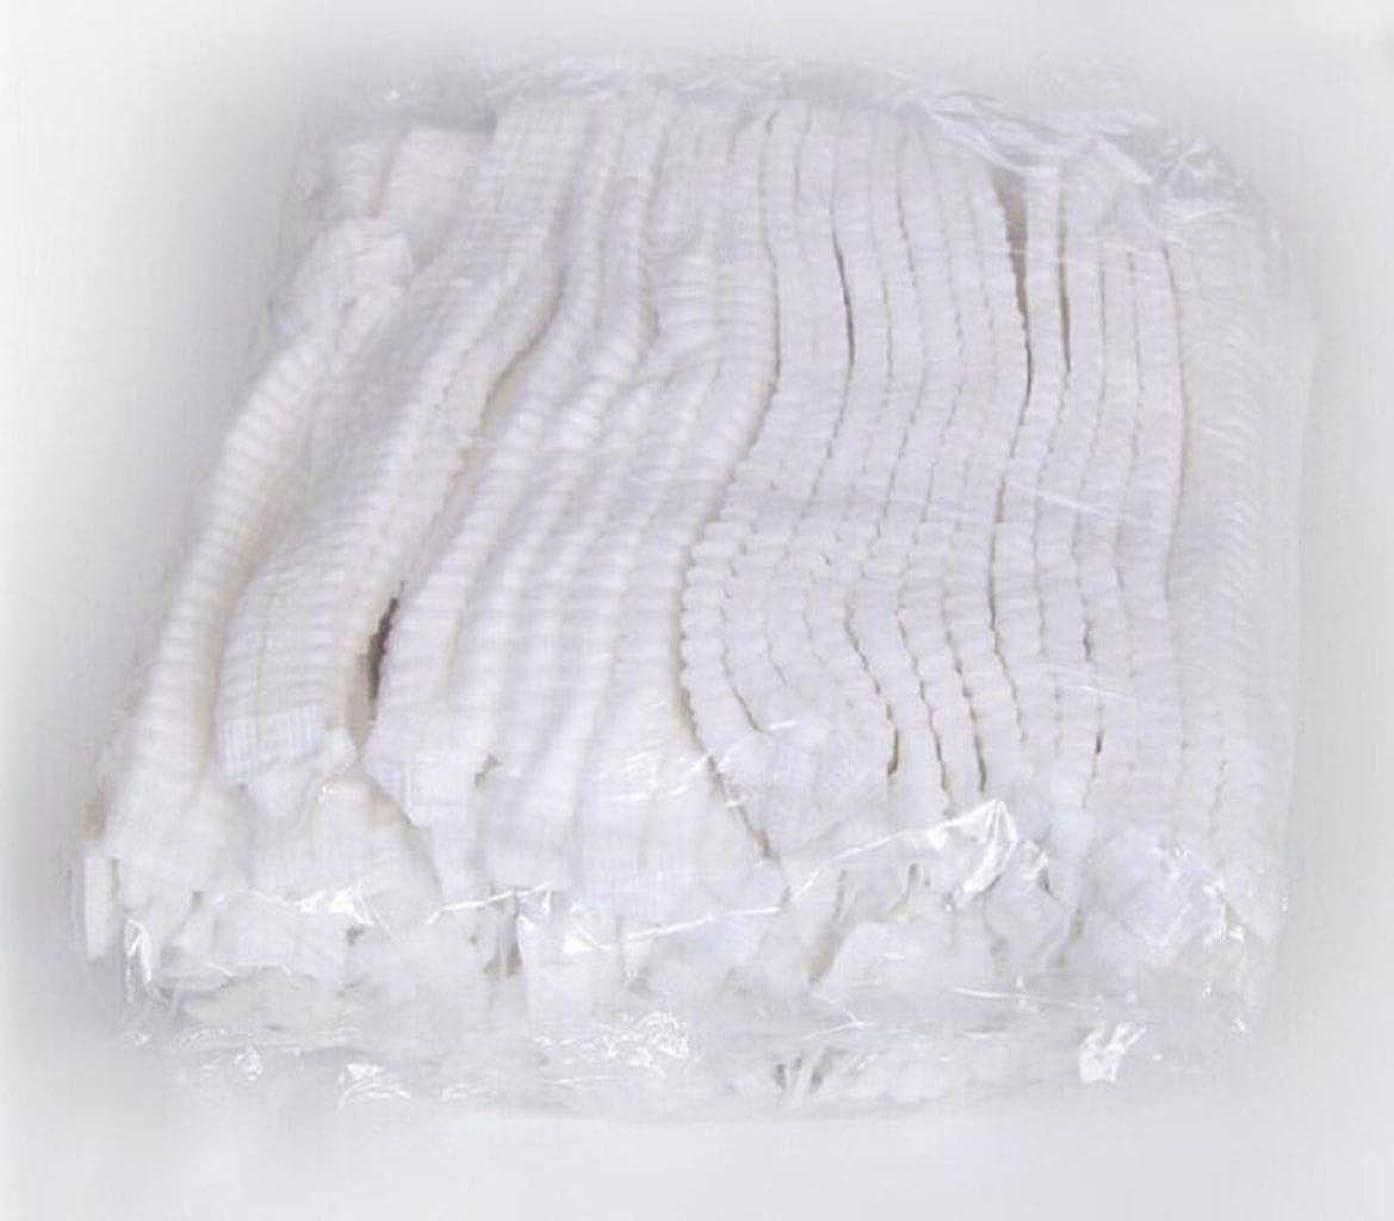 ターゲットオート滅びる食品産業病院に適した使い捨て不織布帽子防塵ラウンドハットストリップブルーメッシュハット(300) (Color : White)